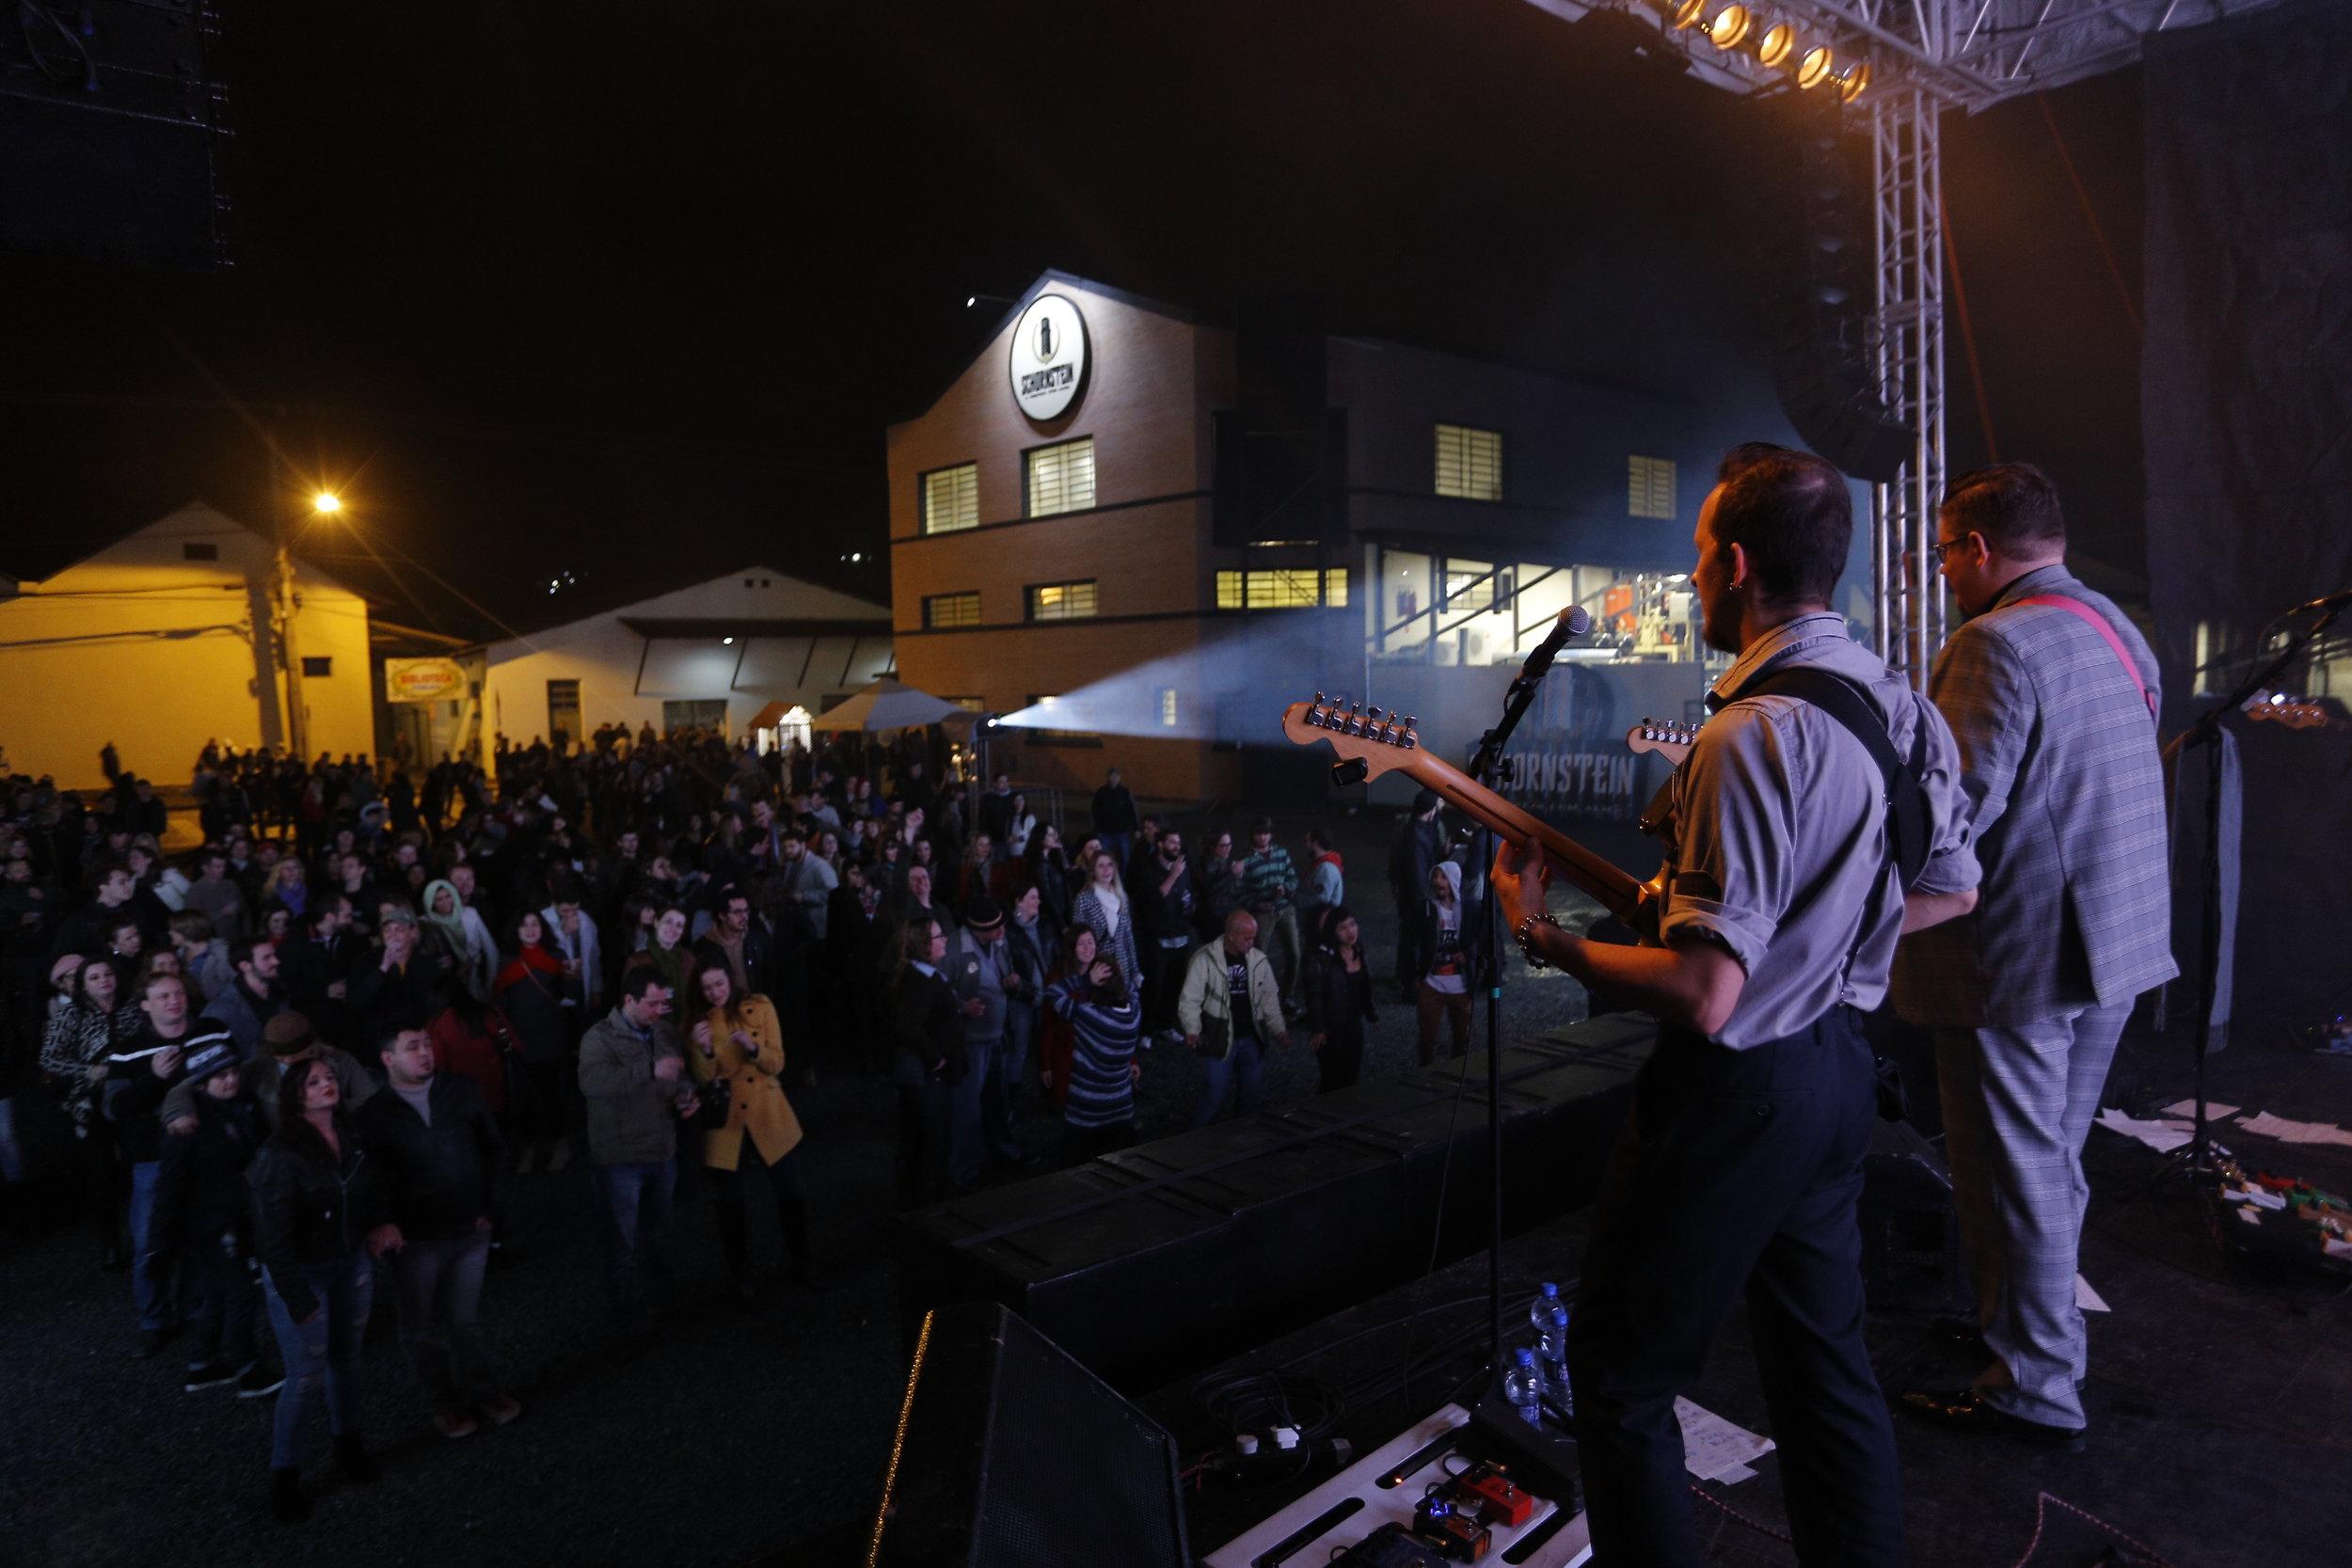 Evento, realizado pela primeira vez em 2016, celebra o aniversário da marca catarinense (Foto:Daniel Zimmermann/Divulgação)